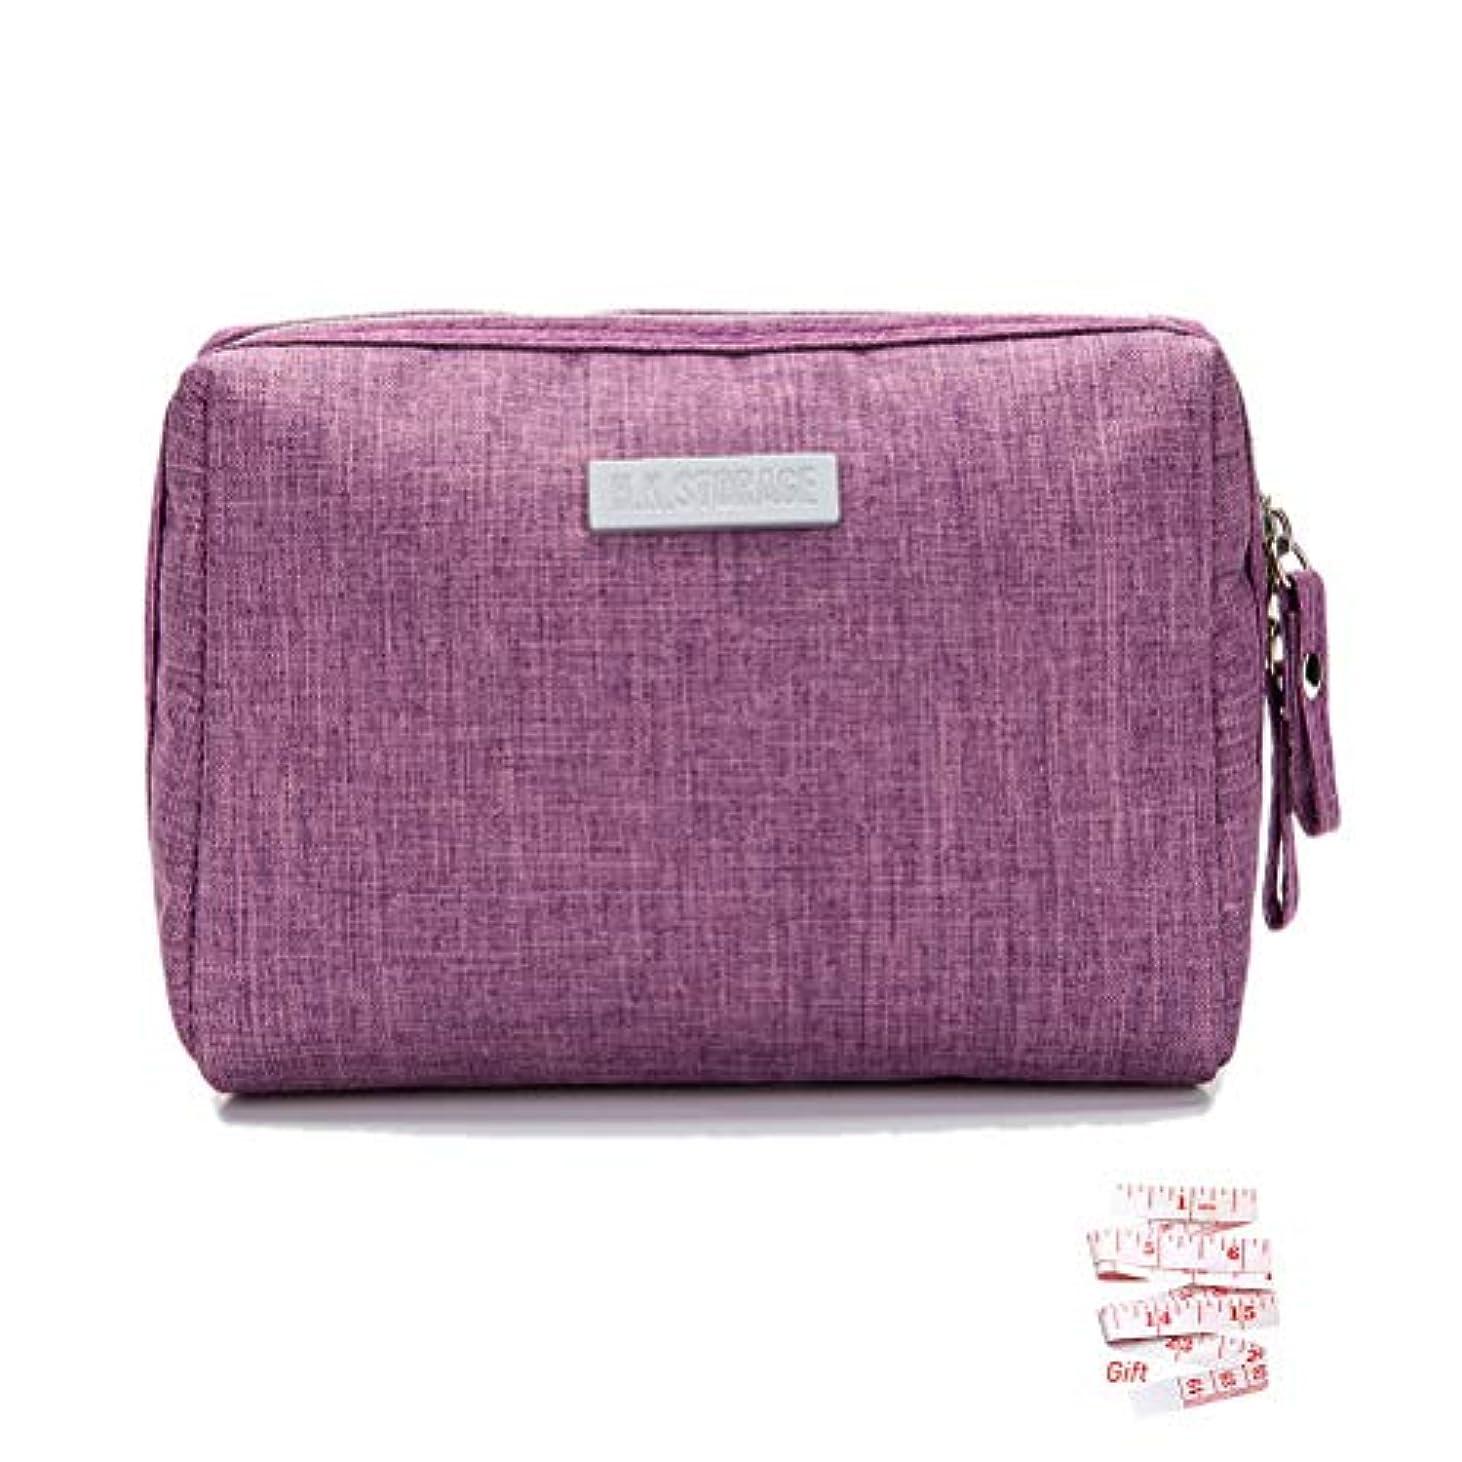 ロープグラス印象的Kaitein 化粧ポーチ 大容量 超軽量 防水 化粧品収納ポーチ 旅行 出張 普段使い 化粧バッグ 紫